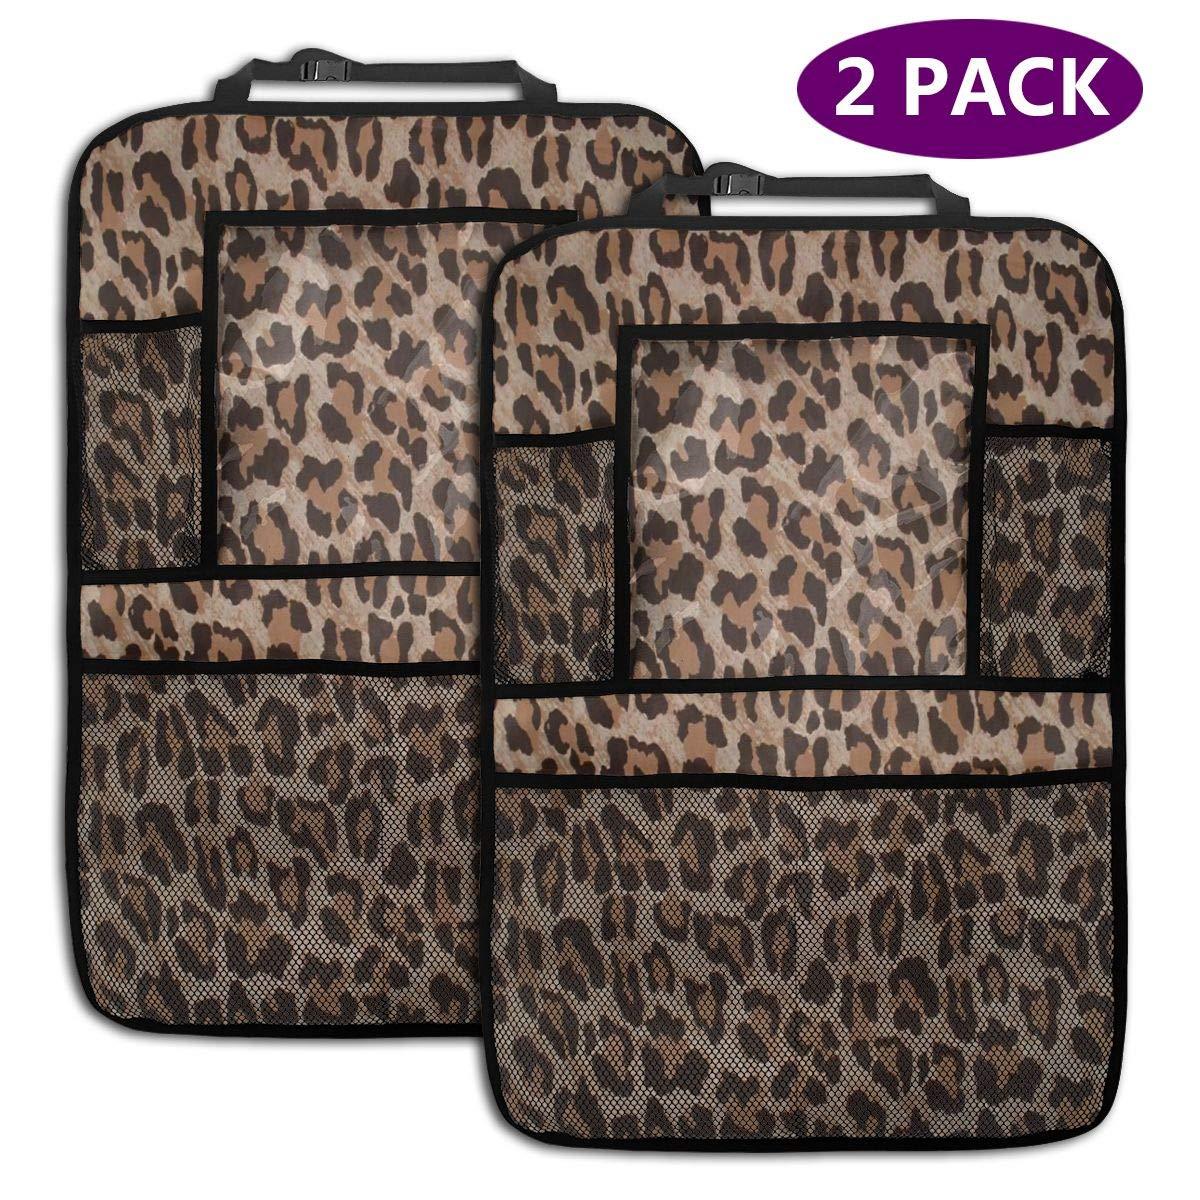 Organizador Fathyu Organizador de Asiento de Coche con Estampado de Leopardo con Bolsa de Soporte para Mantener tu Coche Limpio Gran Capacidad 2 Paquetes extra/íble Funda para Asiento de Coche